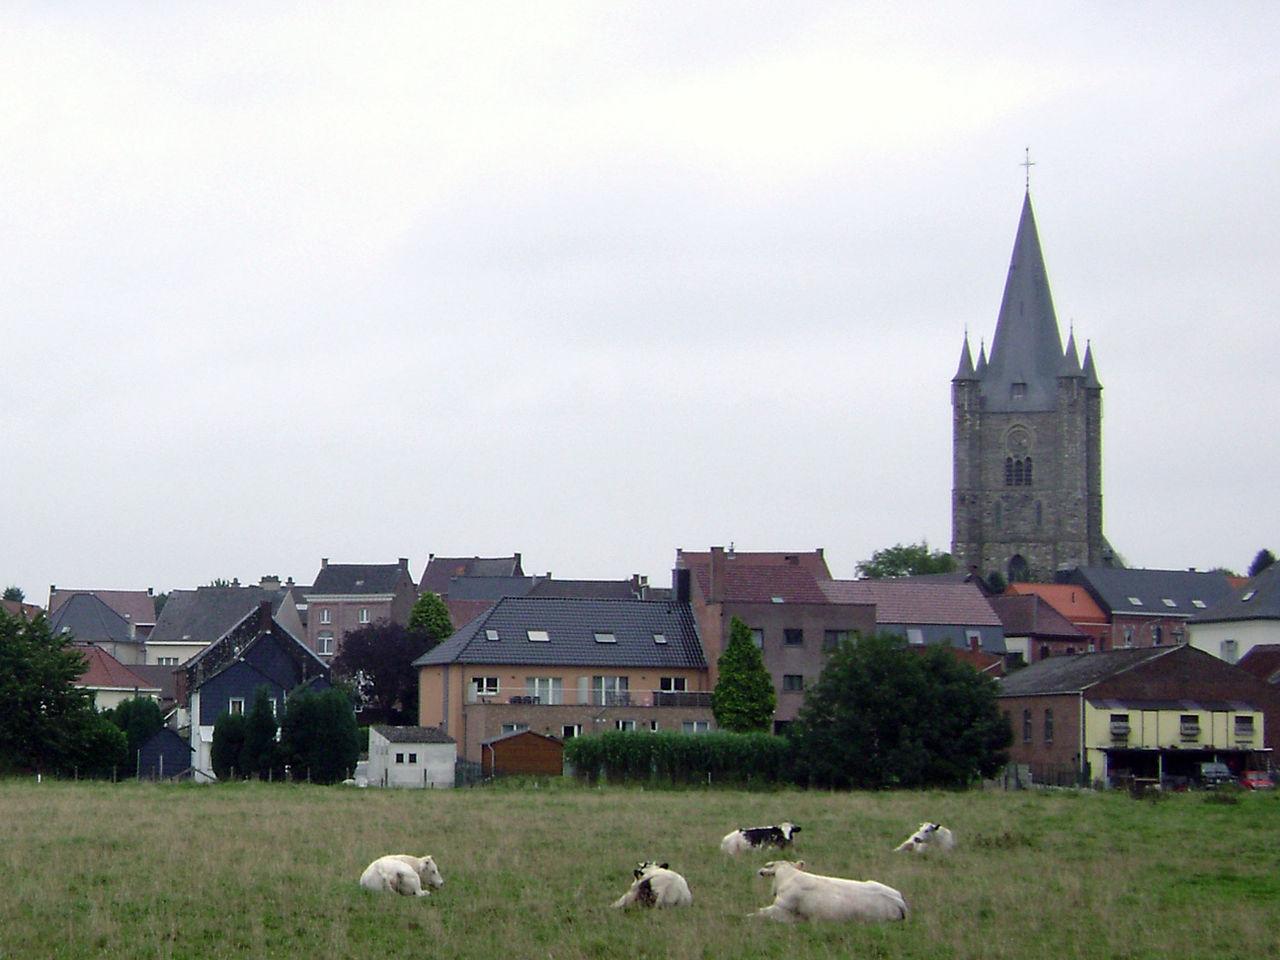 Херне, Германия: зачем ехать, чем заняться, где поесть, советы туристов